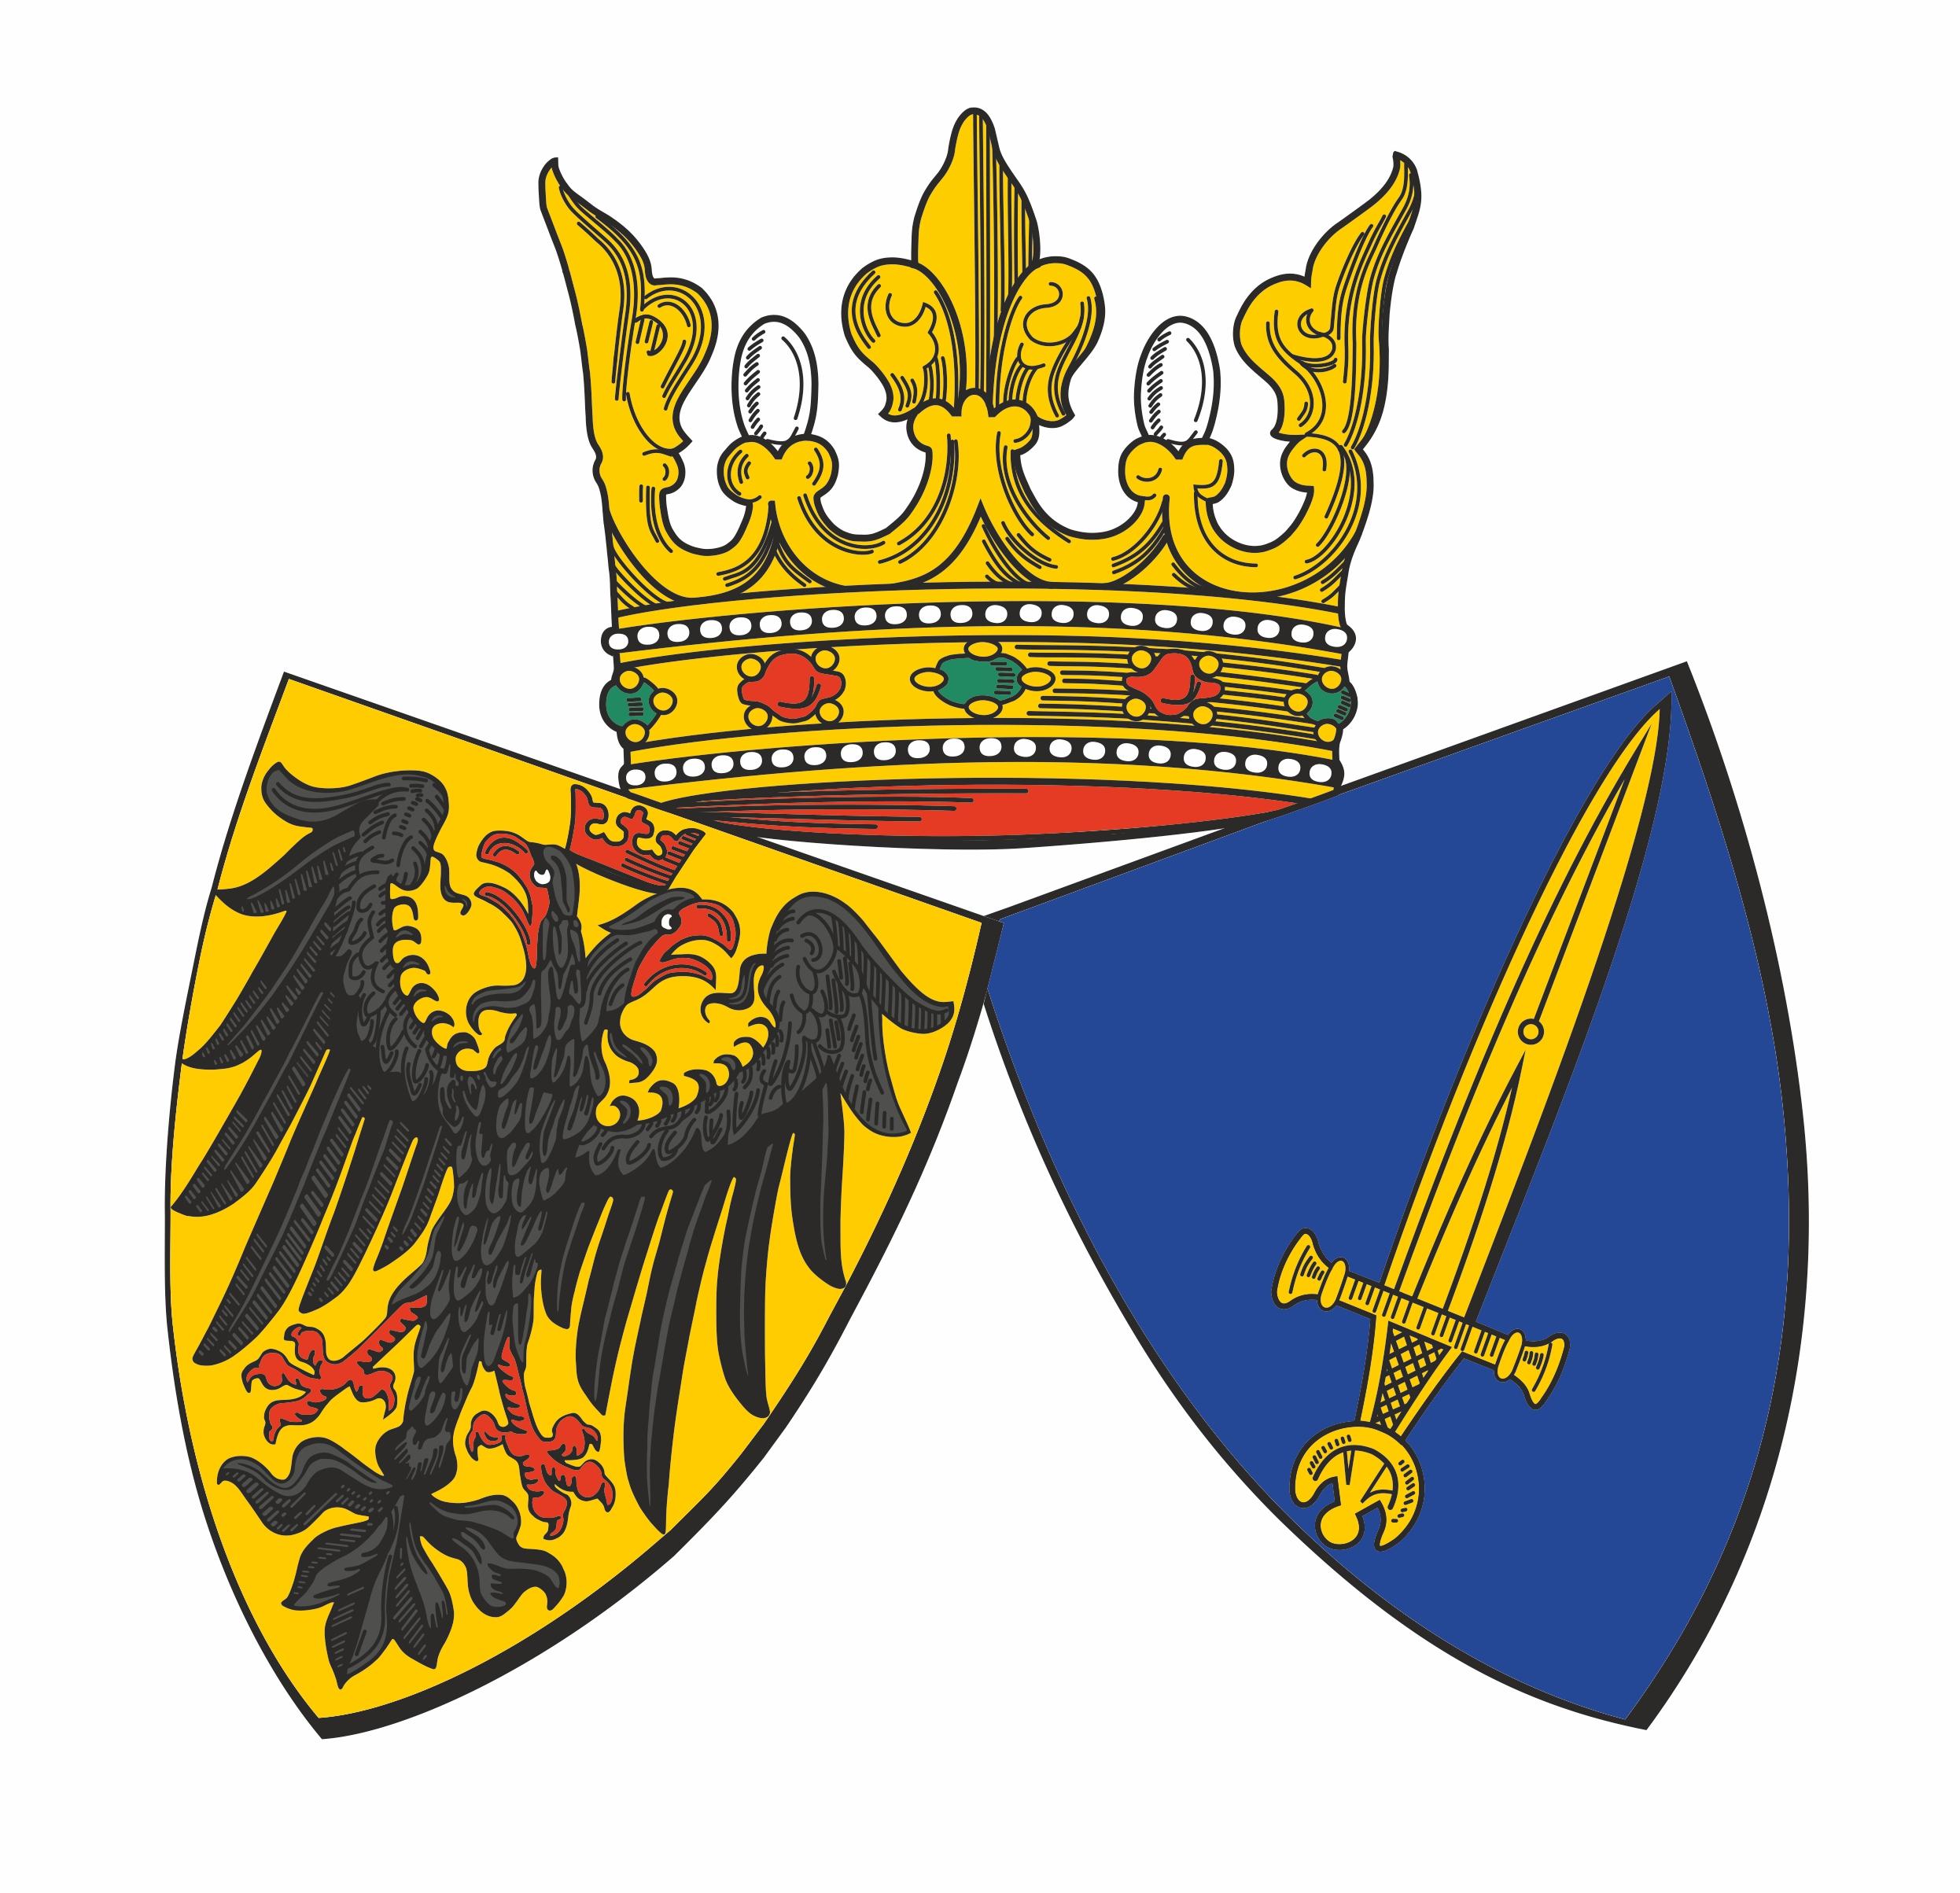 Farbige Abbildung des Essener Stadtwappens